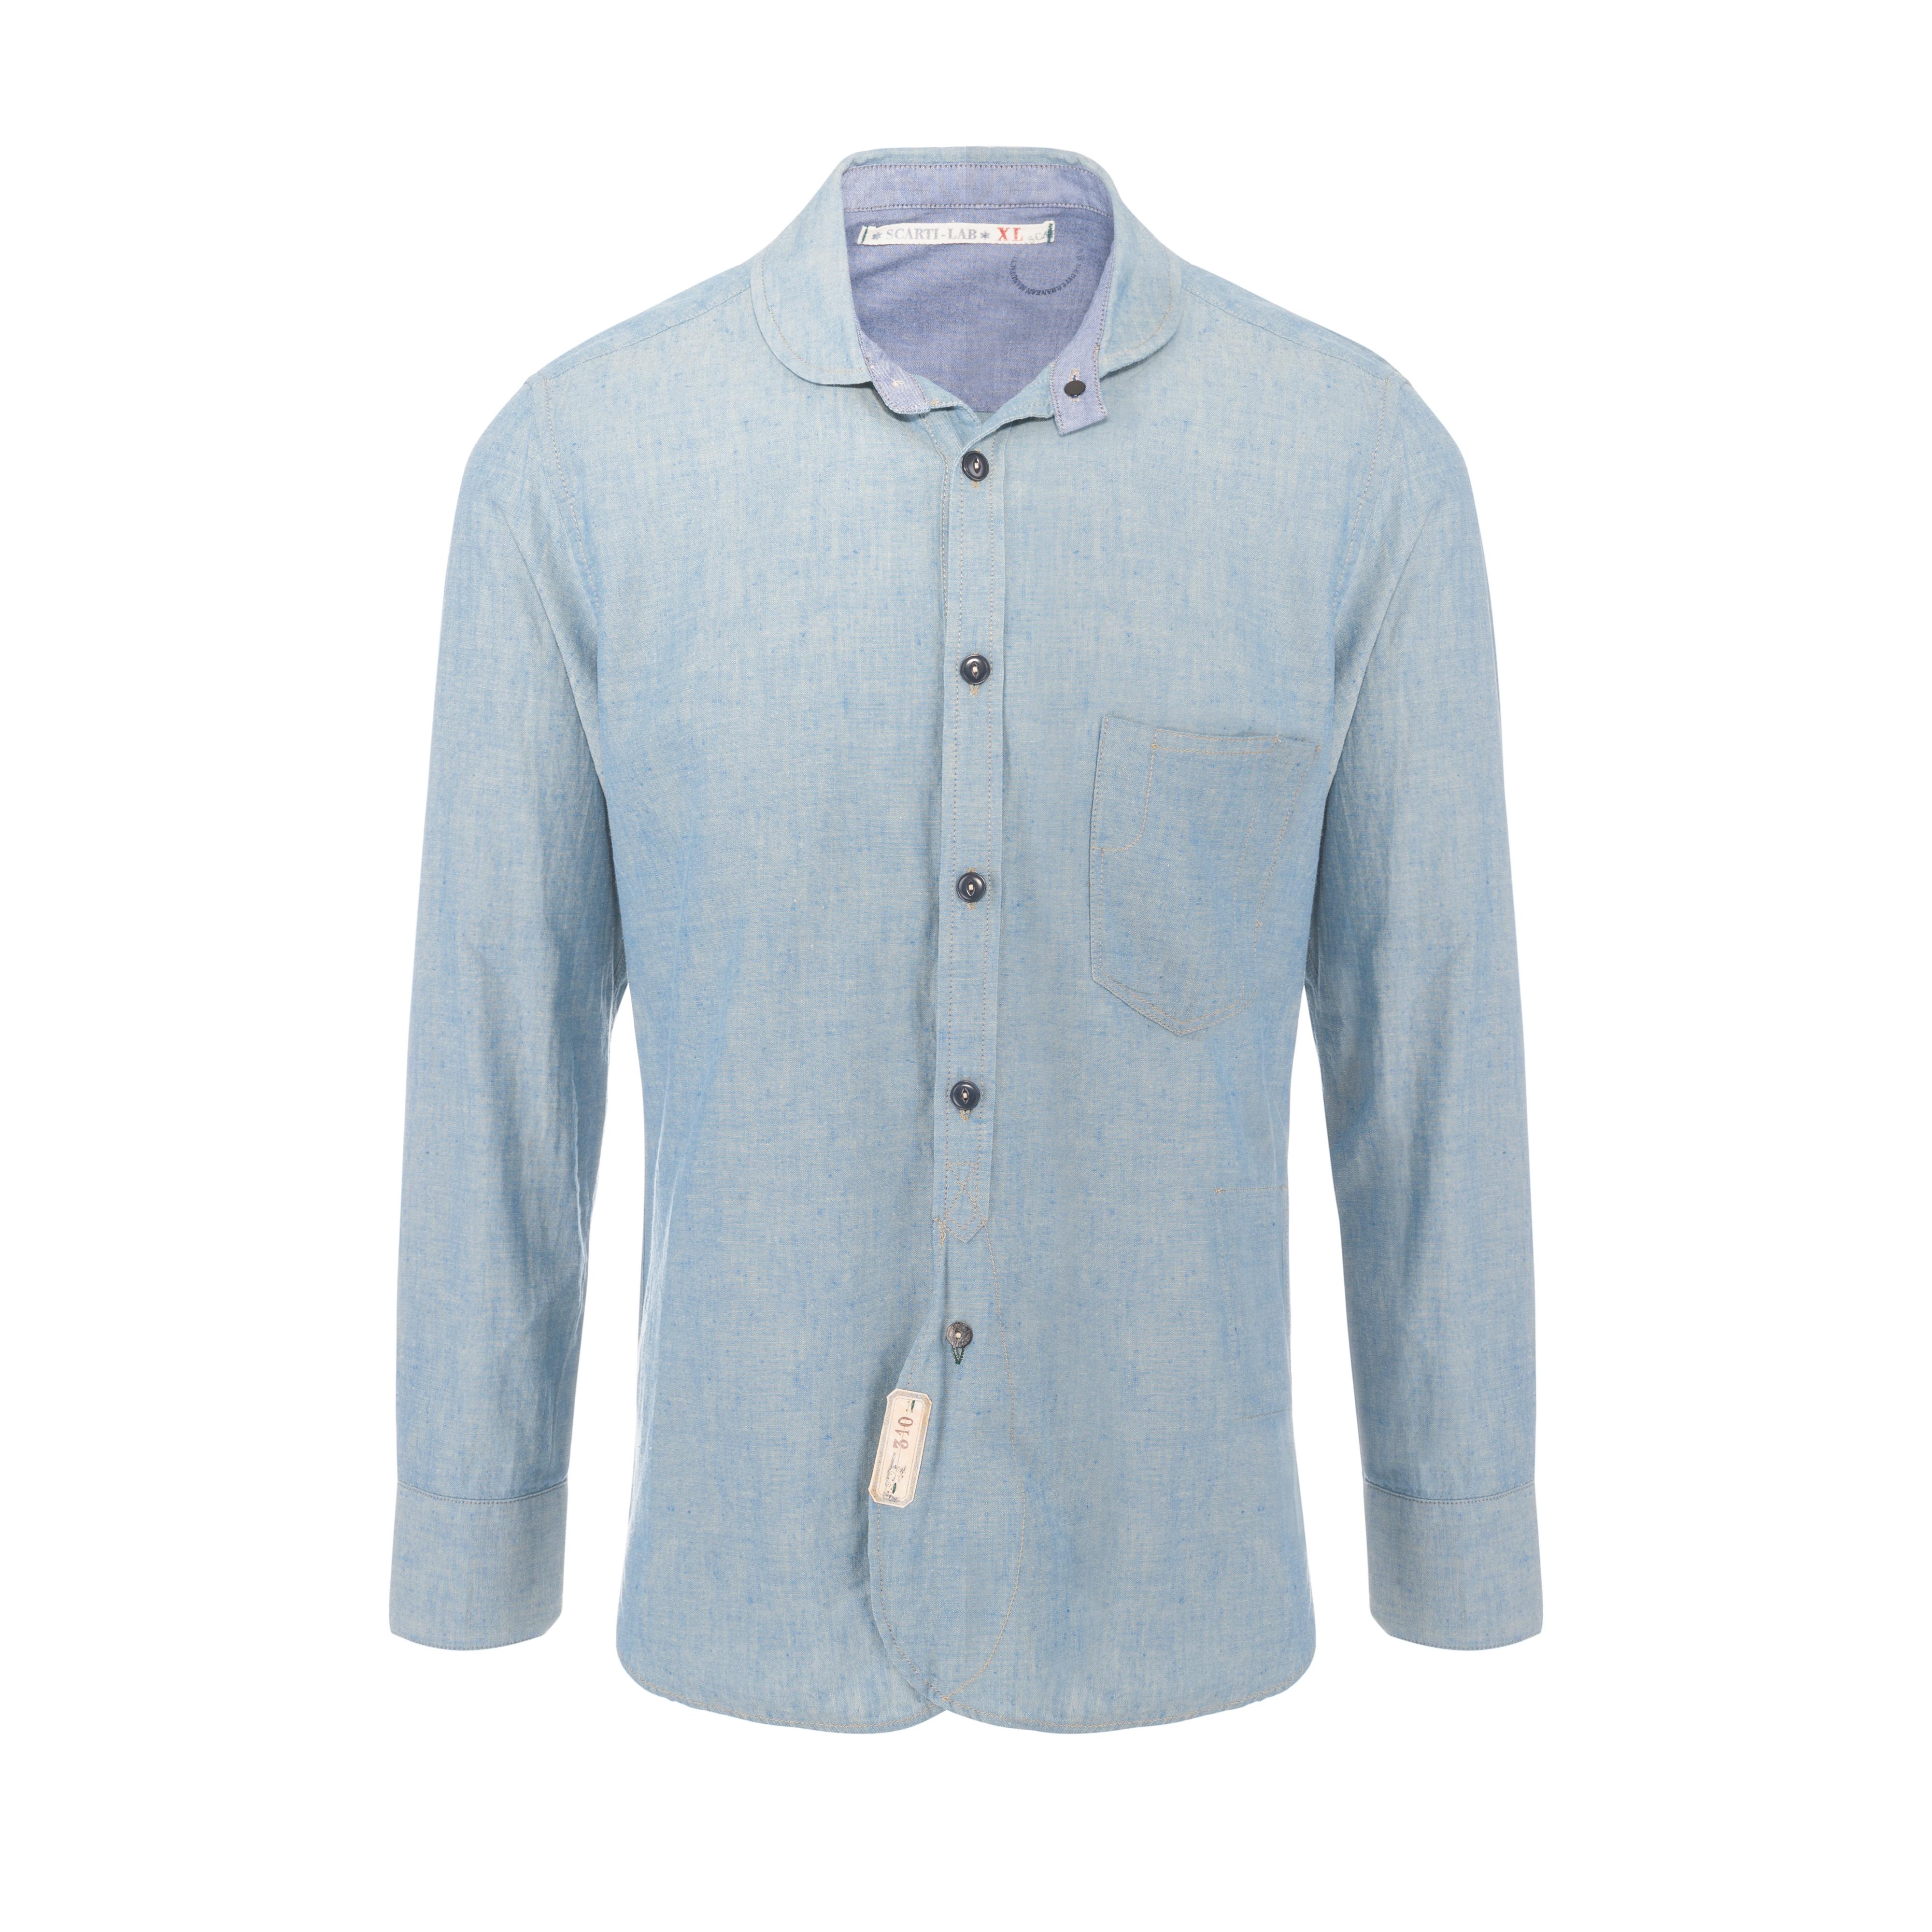 Cotton Shirt Light Blue